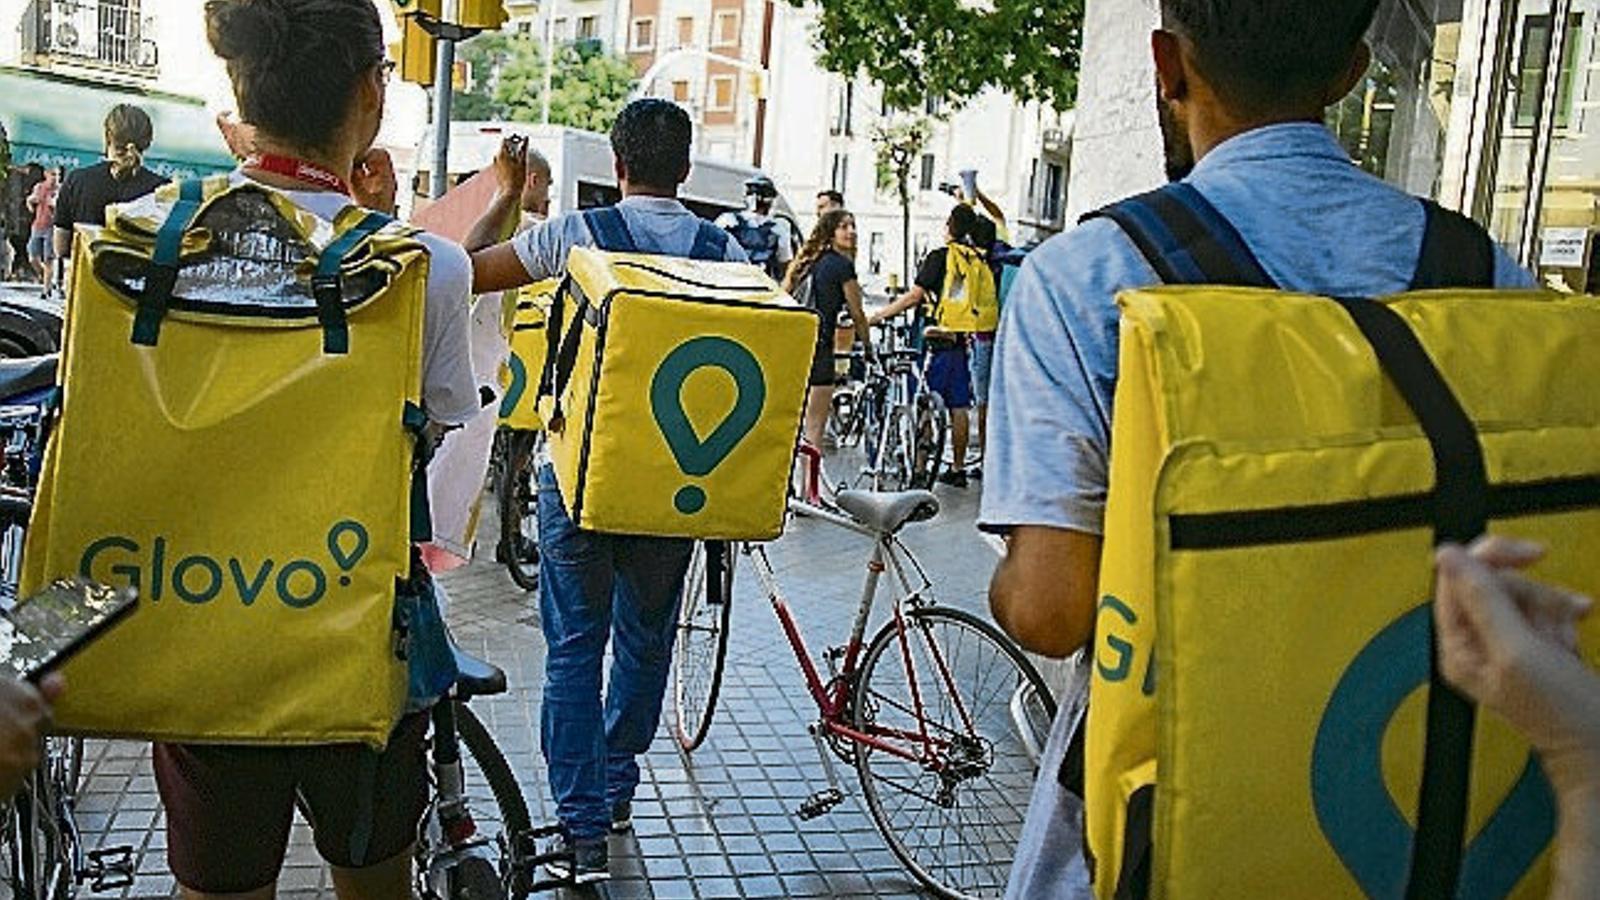 Glovo i Deliveroo demanen al govern espanyol una legislació amb flexibilitat per als seus 'riders'